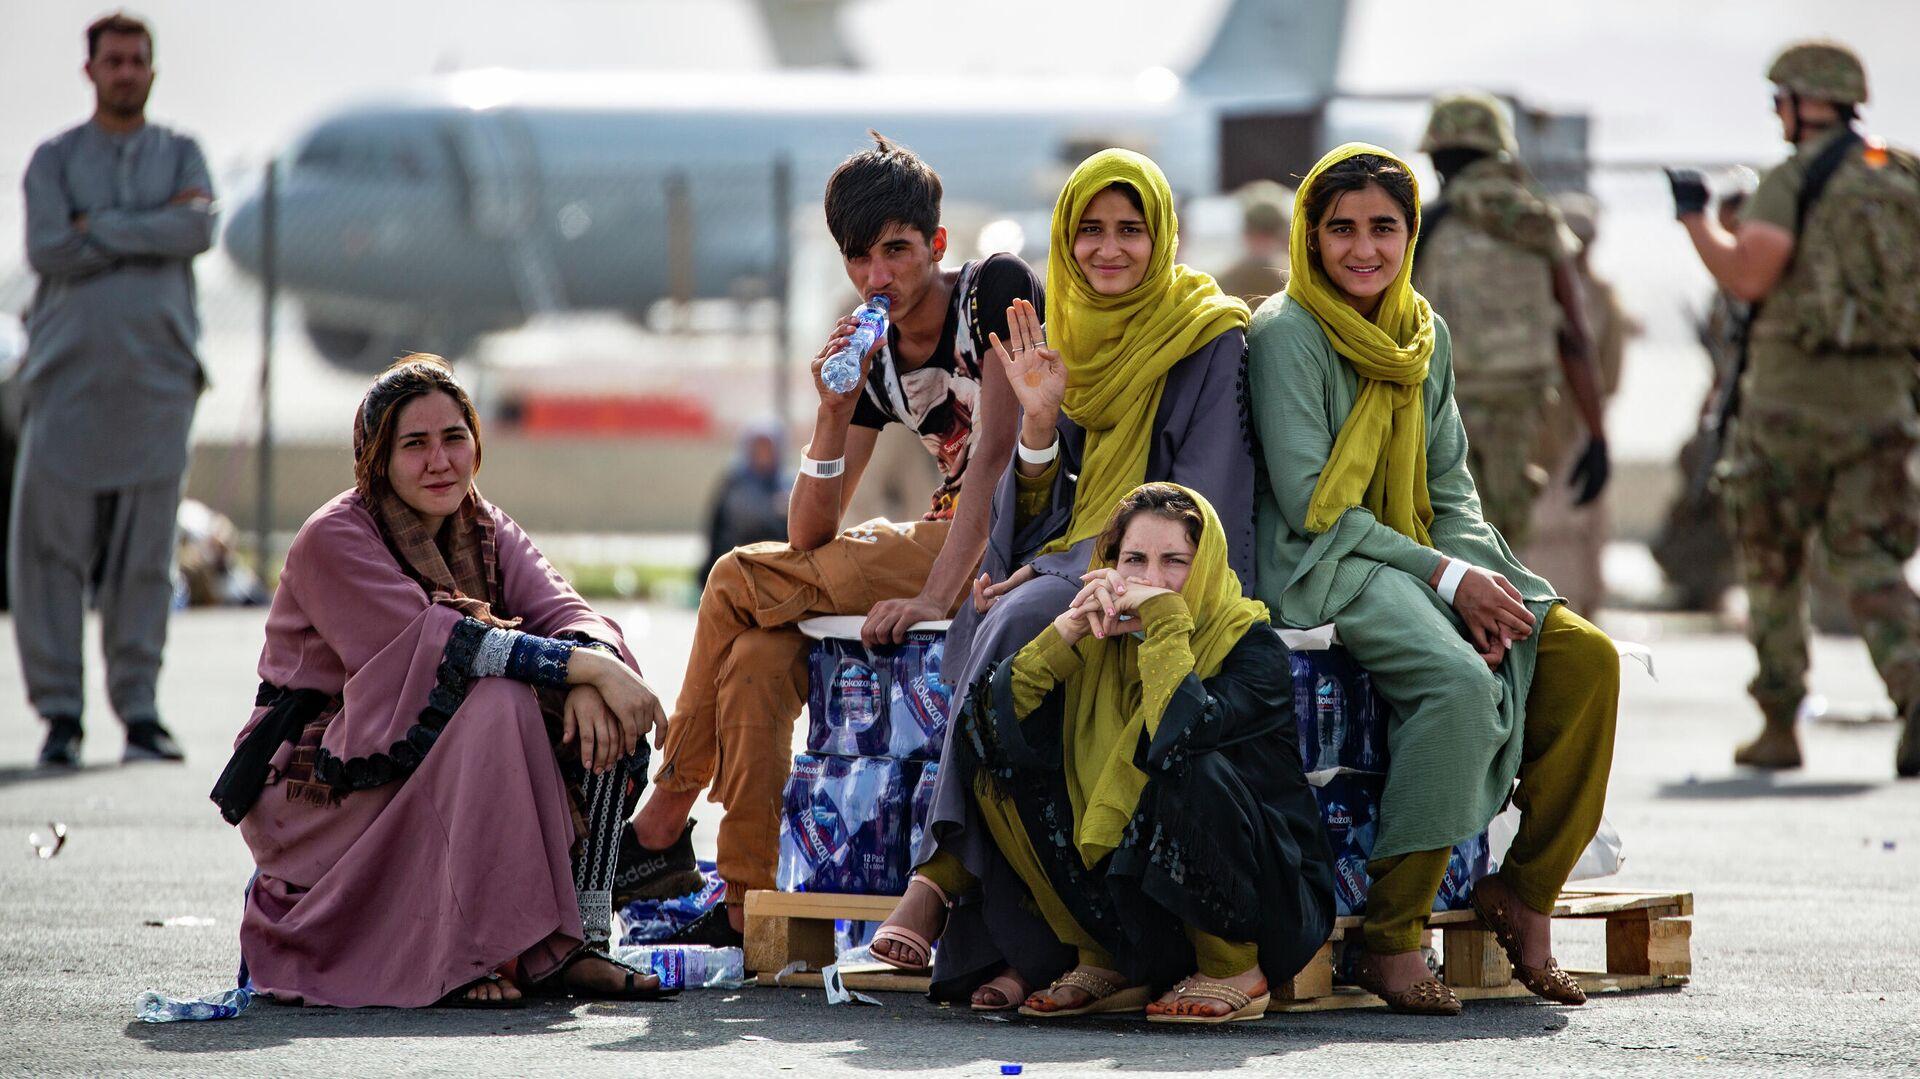 Эвакуированные женщины и дети ждут рейса в международном аэропорту Хамида Карзая в Кабуле - Sputnik Грузия, 1920, 16.09.2021